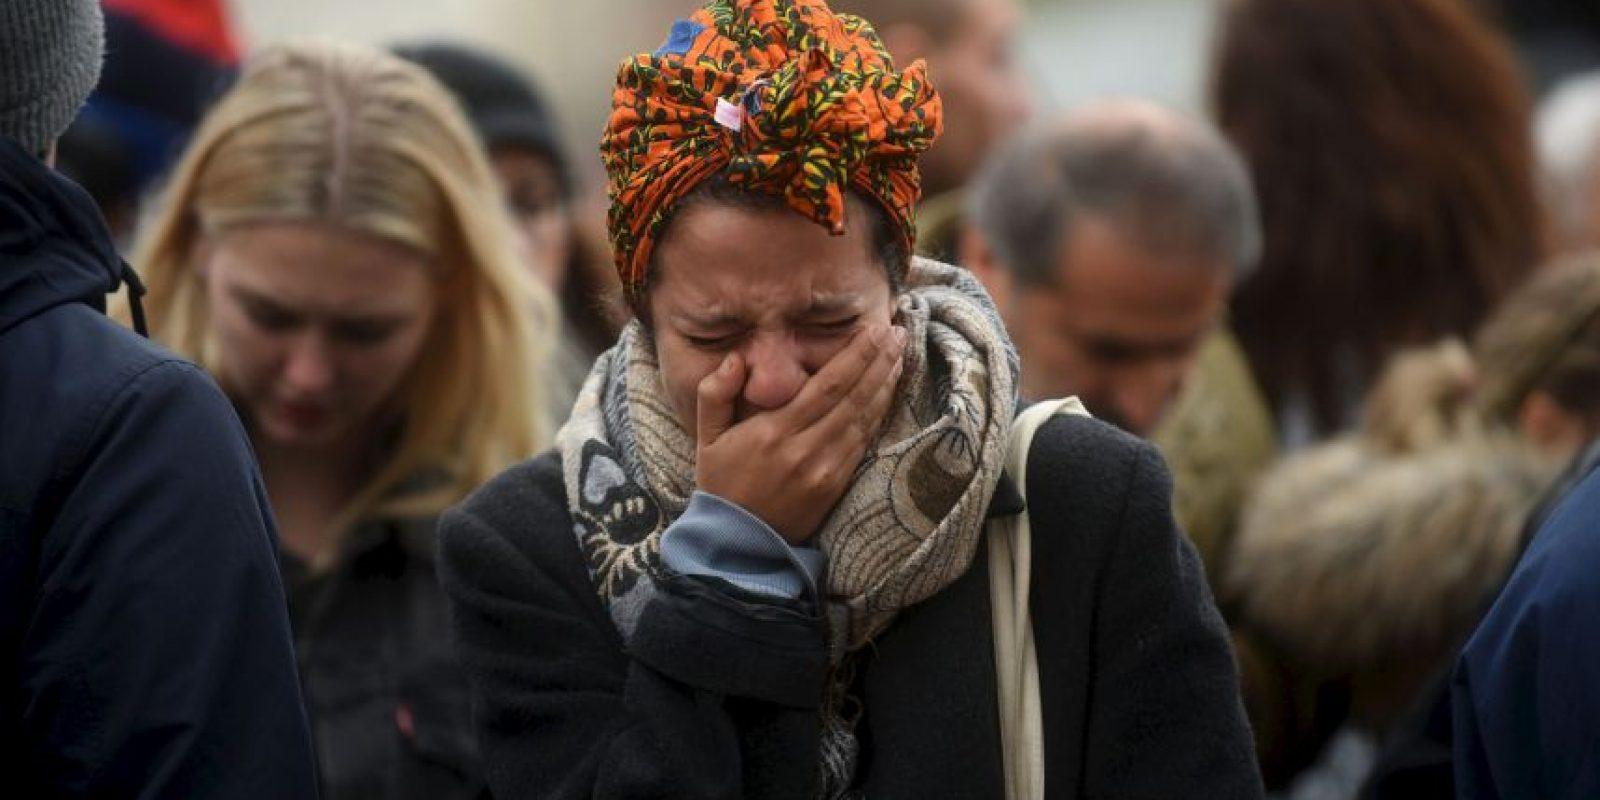 Y diversos países aumentaron sus medidas de seguridad. Foto:Getty Images